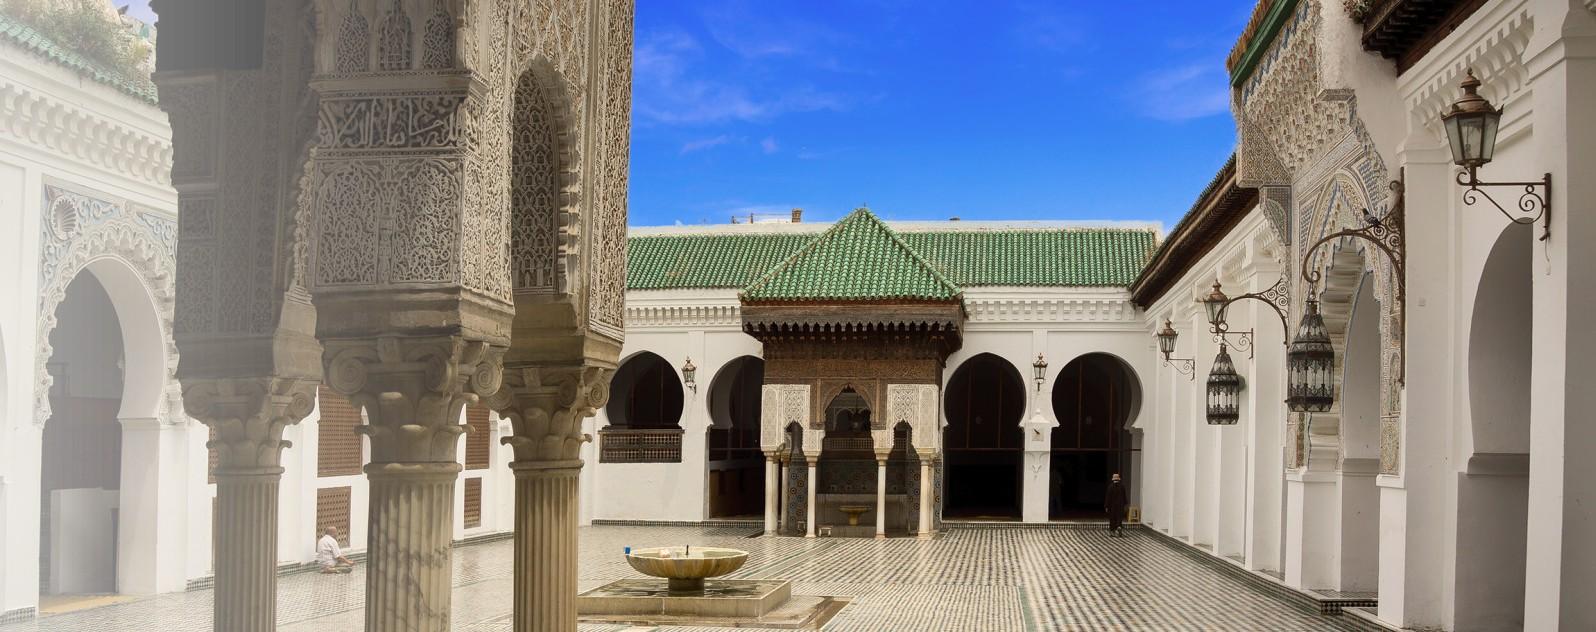 culture morocco travel